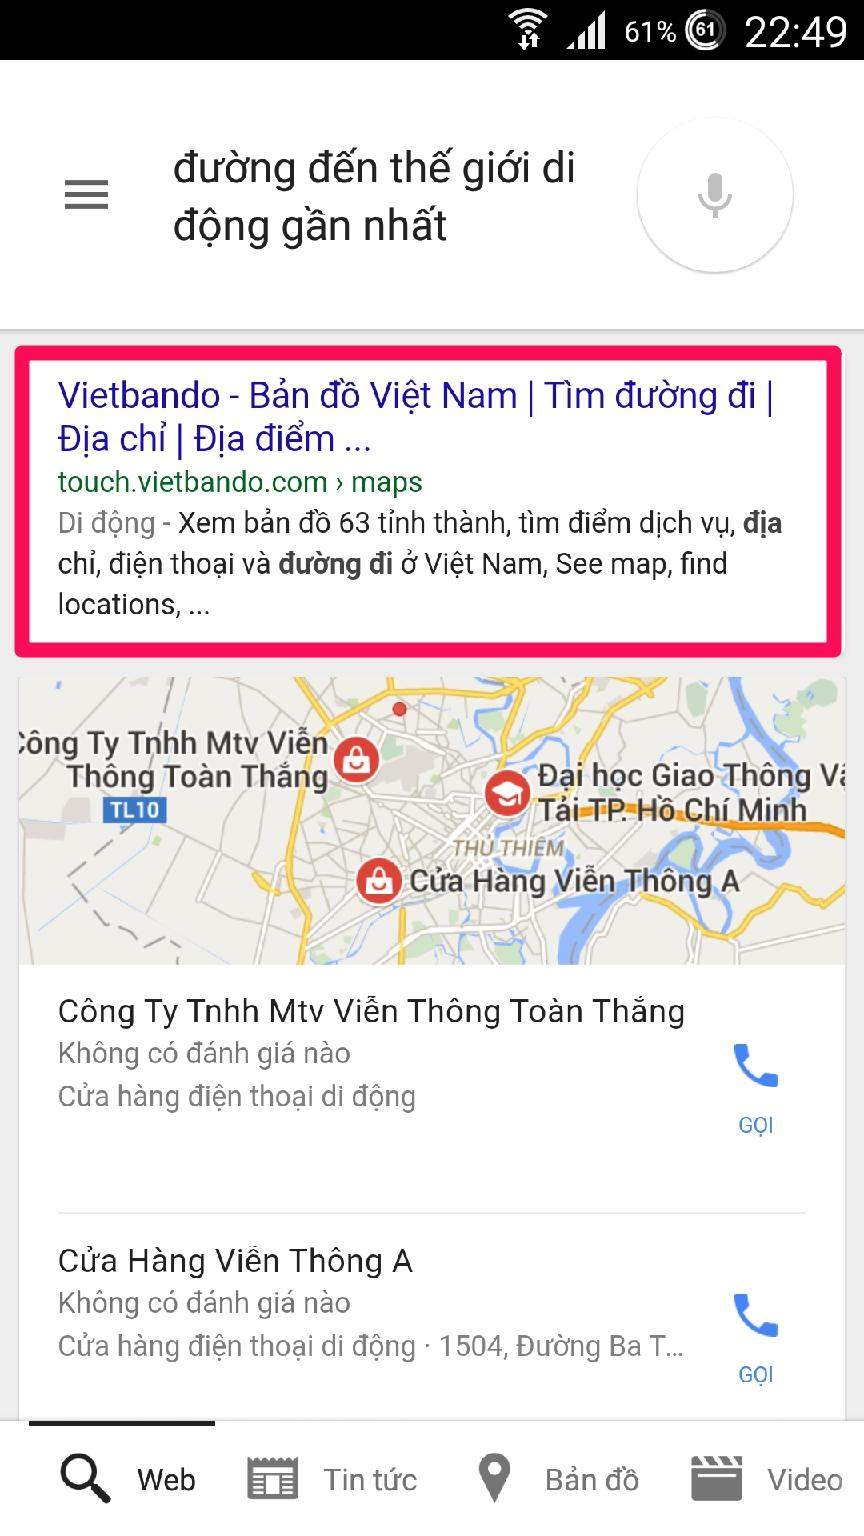 Dùng Google Now tìm kiếm giọng nói bằng tiếng Việt